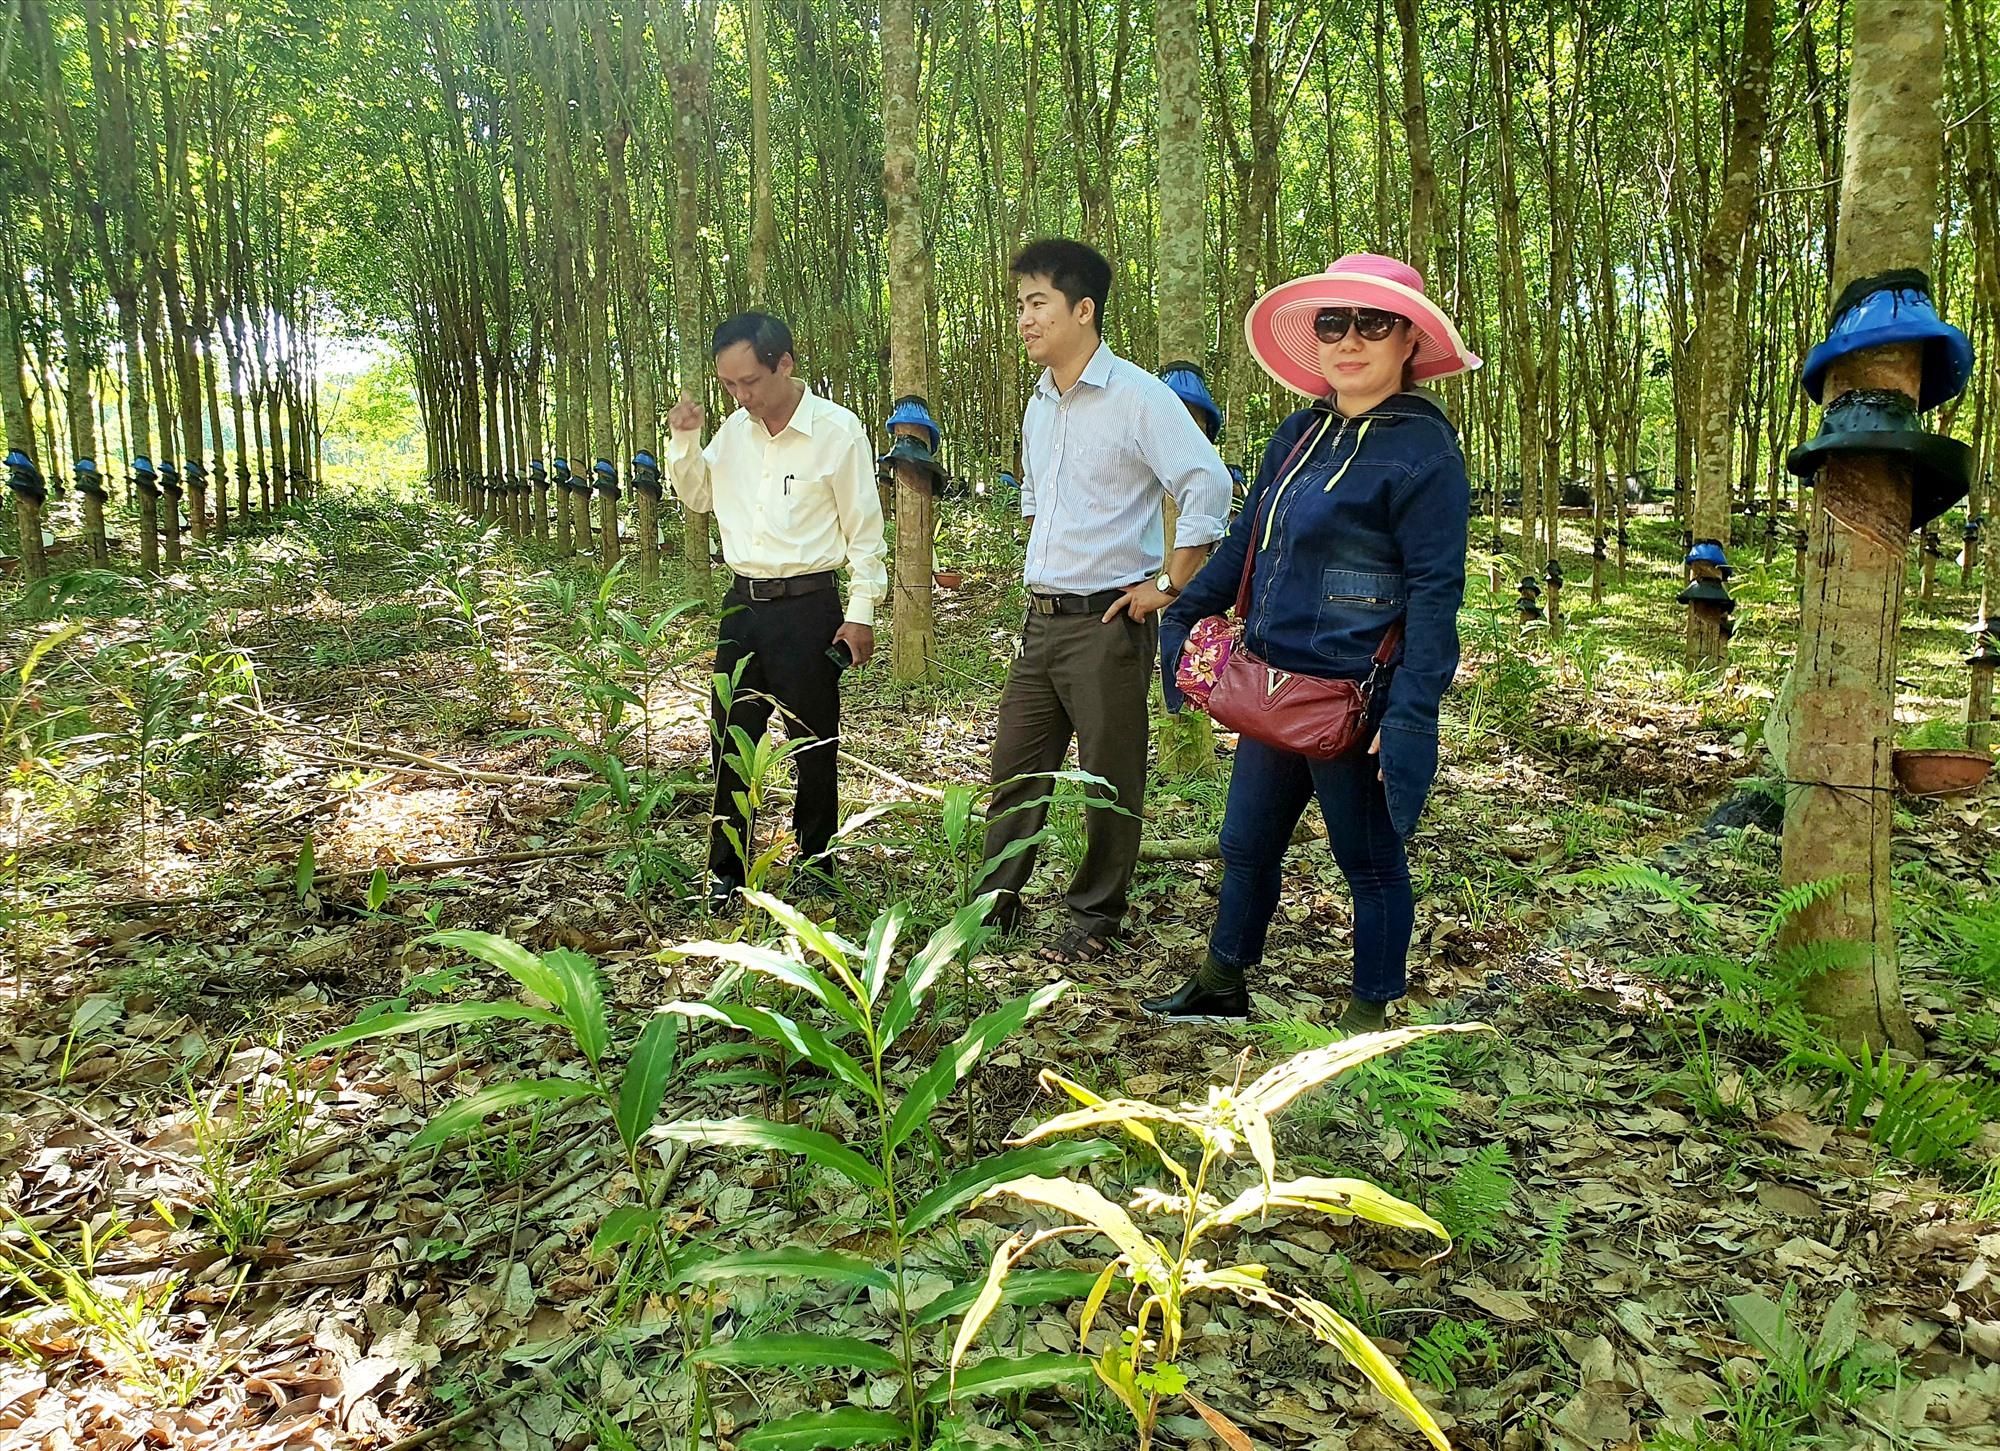 Những năm qua, người dân ở nhiều địa phương miền núi trong tỉnh đầu tư phát triển mạnh mô hình trồng cây sa nhân dưới tán rừng cao su. Ảnh: N.P